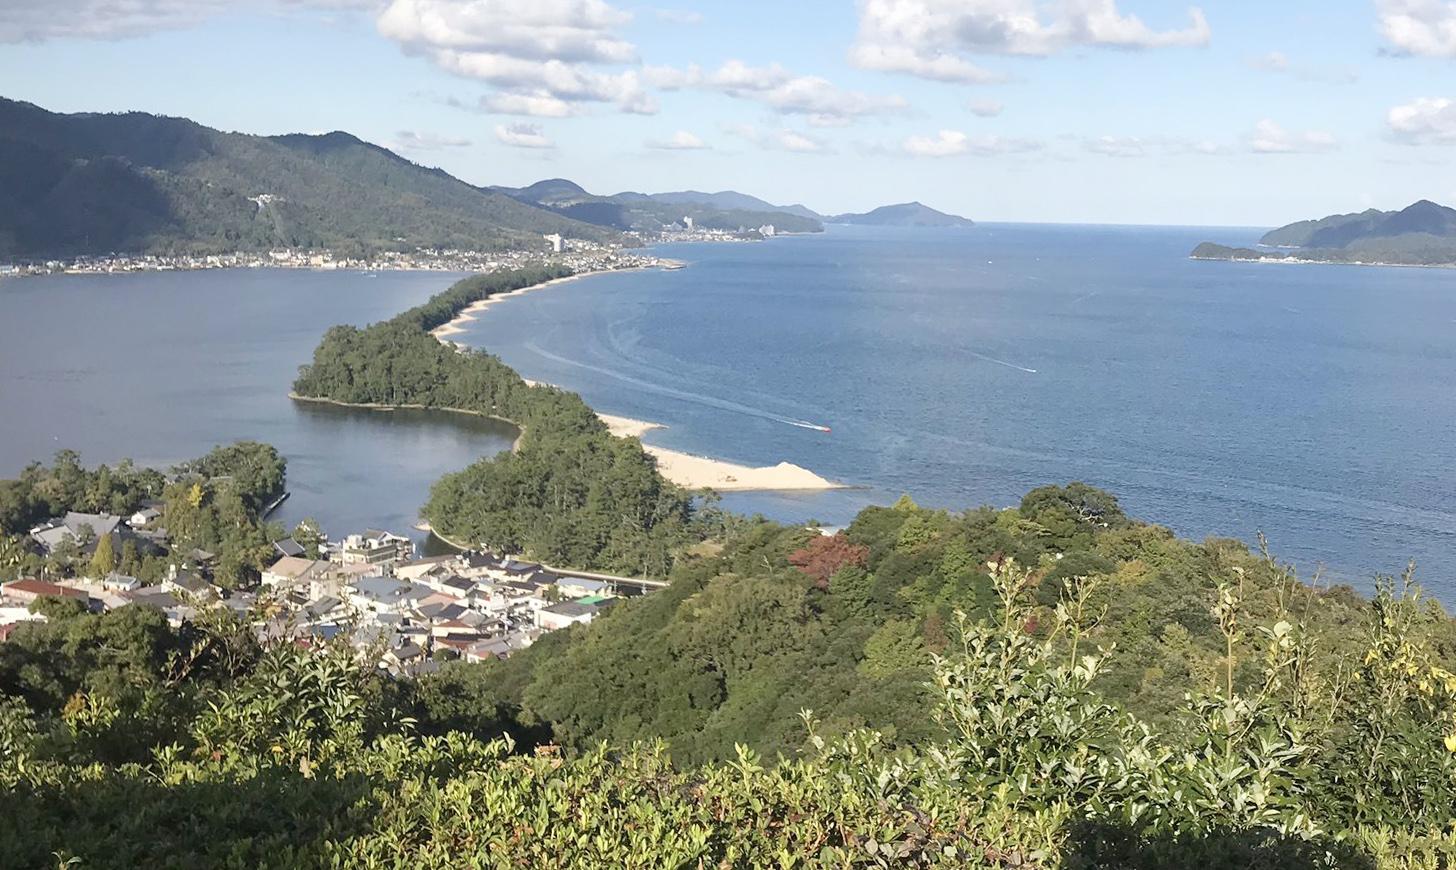 京都 日本三景・天橋立ツアー催行!